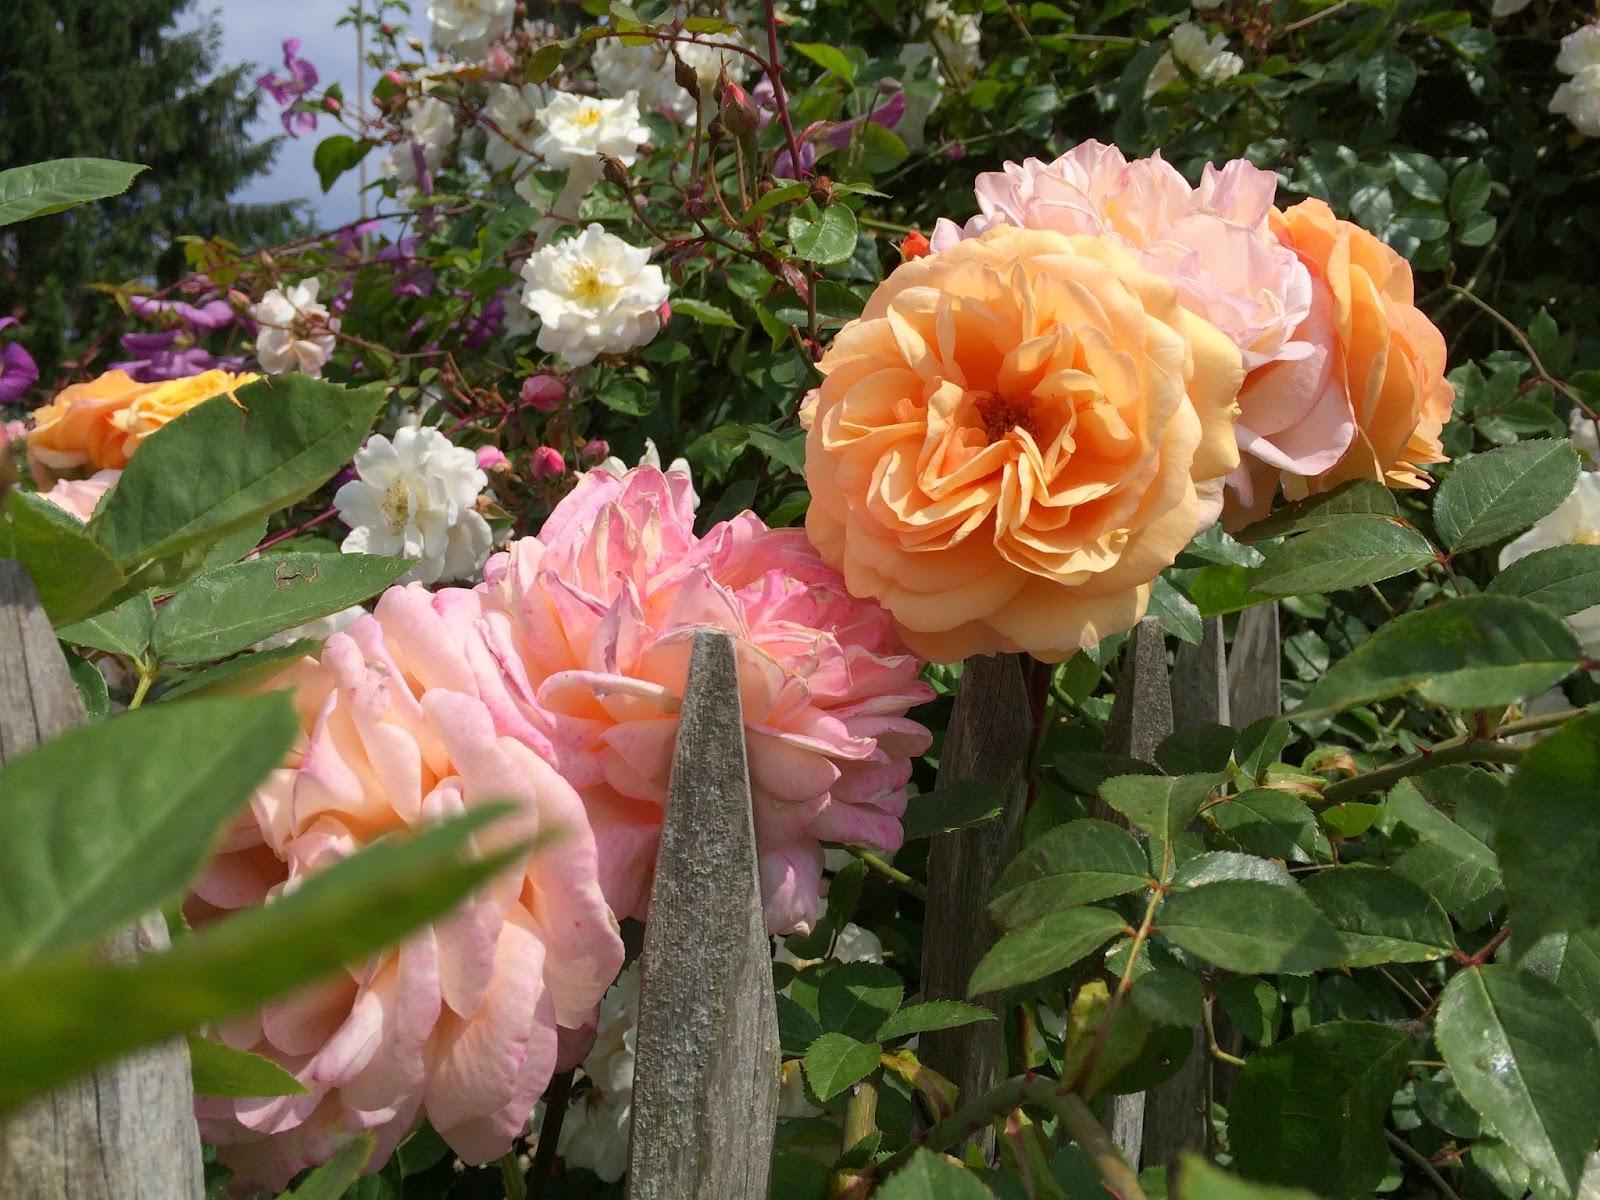 la passion des rosiers la p pini re fil roses 5 conseils pour obtenir des rosiers sains et. Black Bedroom Furniture Sets. Home Design Ideas